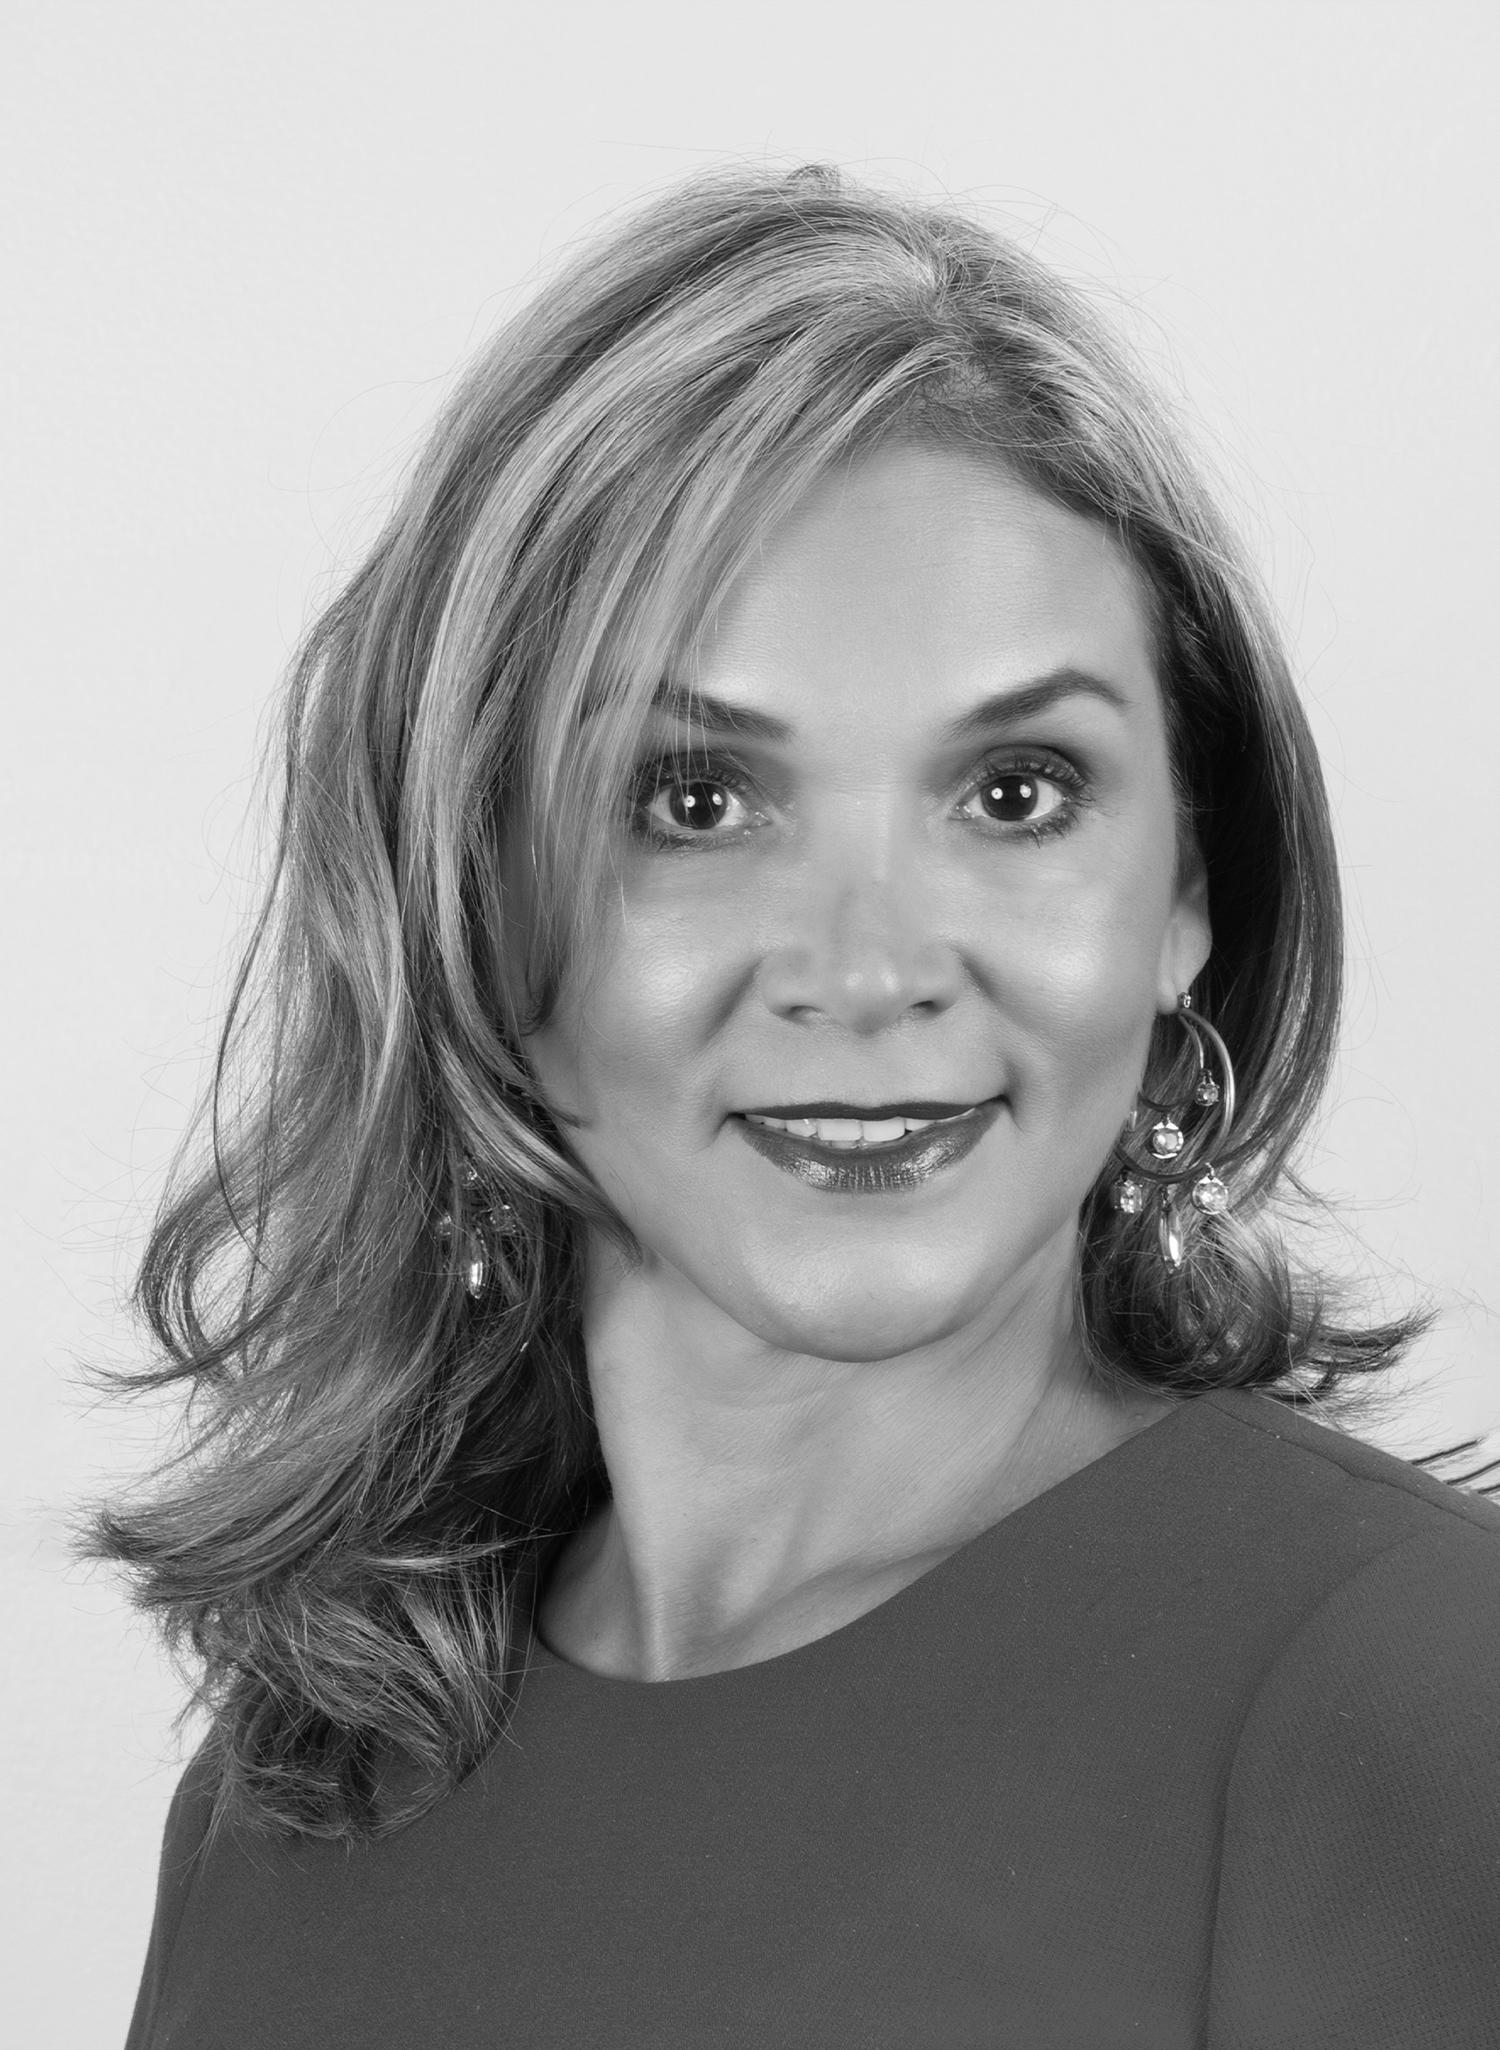 Carolina Pena